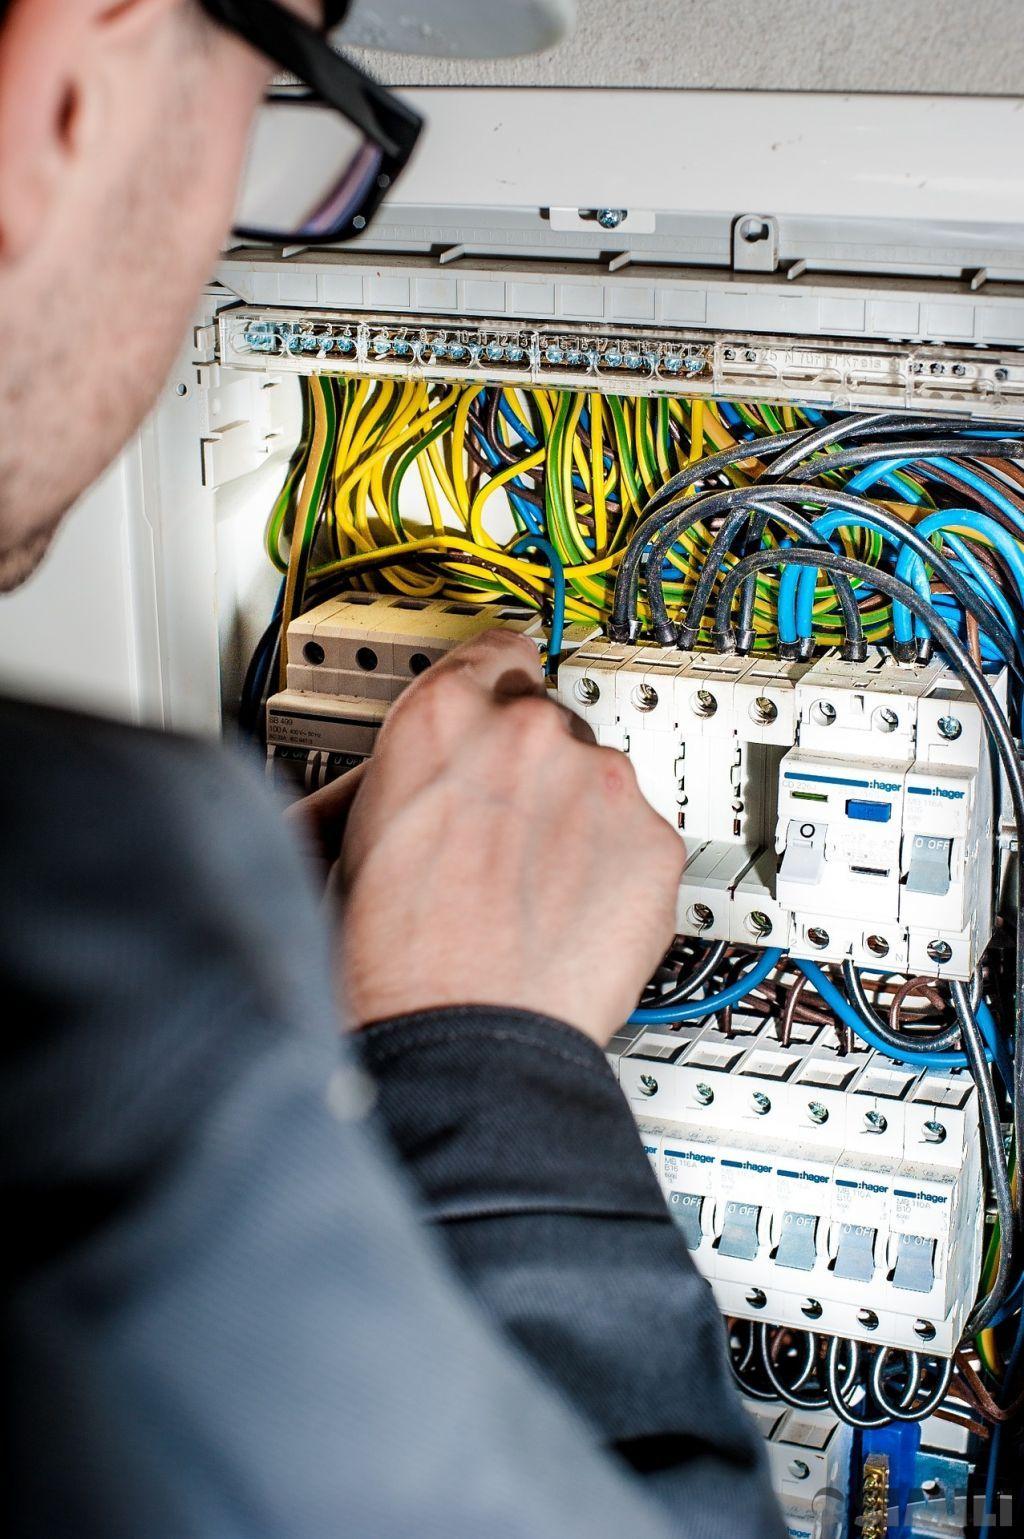 Услуги домашнего электрика для квартиры и офиса